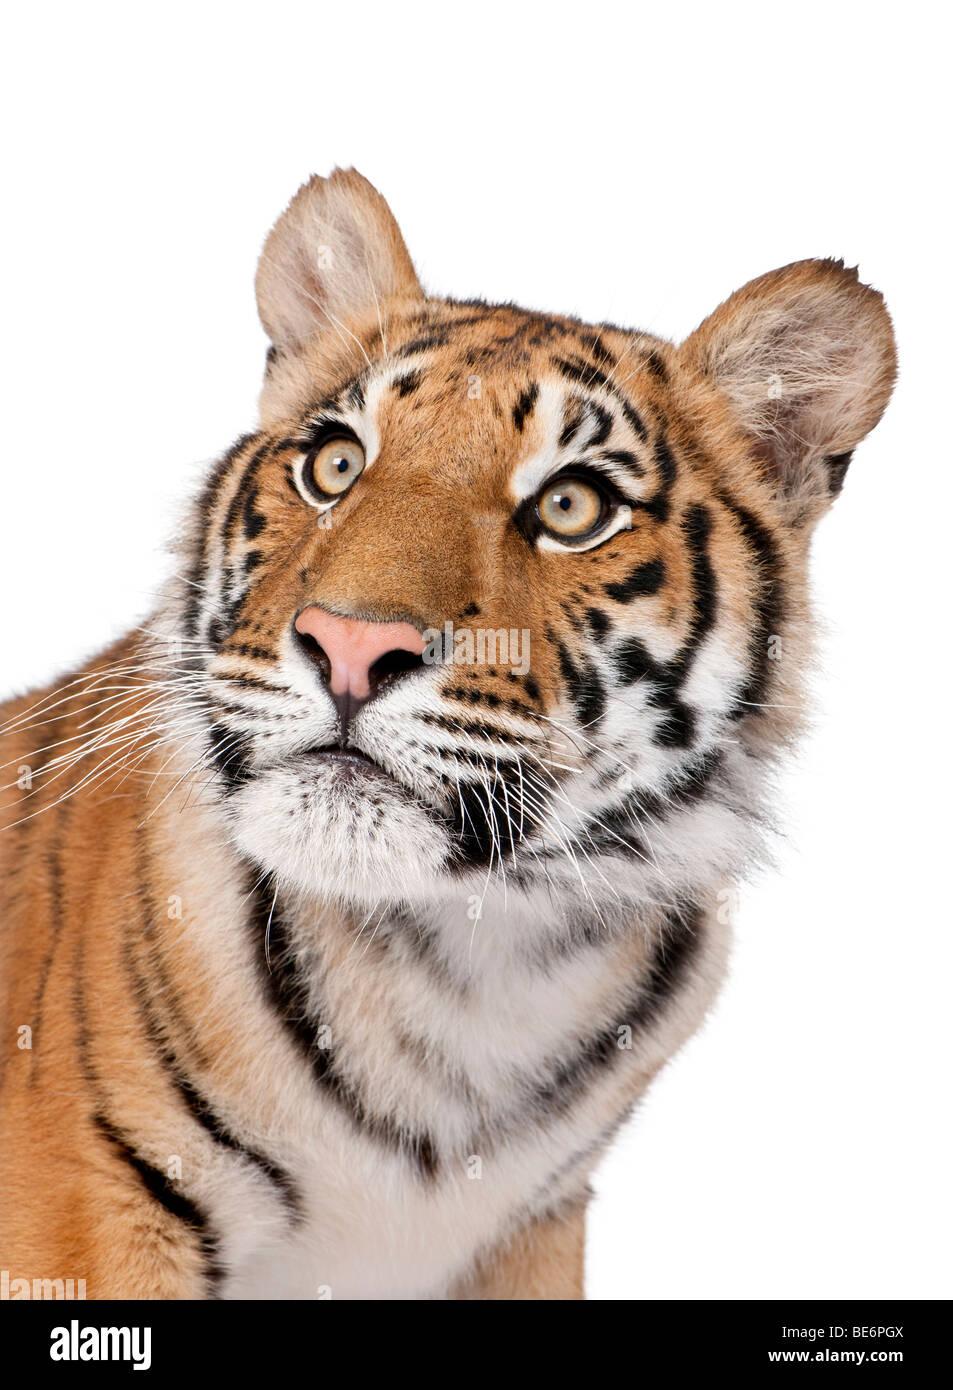 Close-up retrato de tigre de Bengala, Panthera tigris tigris, 1 año de edad, delante de un fondo blanco, Foto de estudio Foto de stock